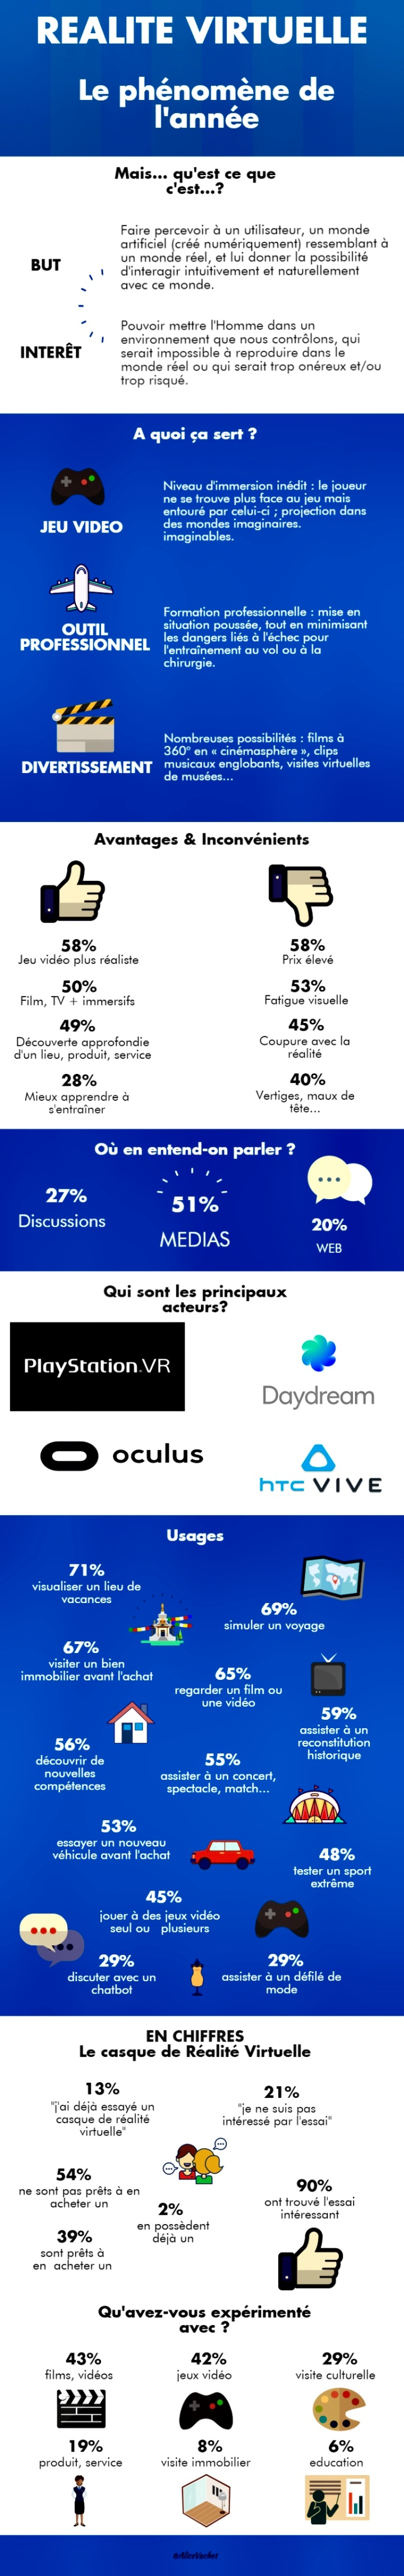 [Infographie] Réalité Virtuelle : Le phénomène de l'année⚡️